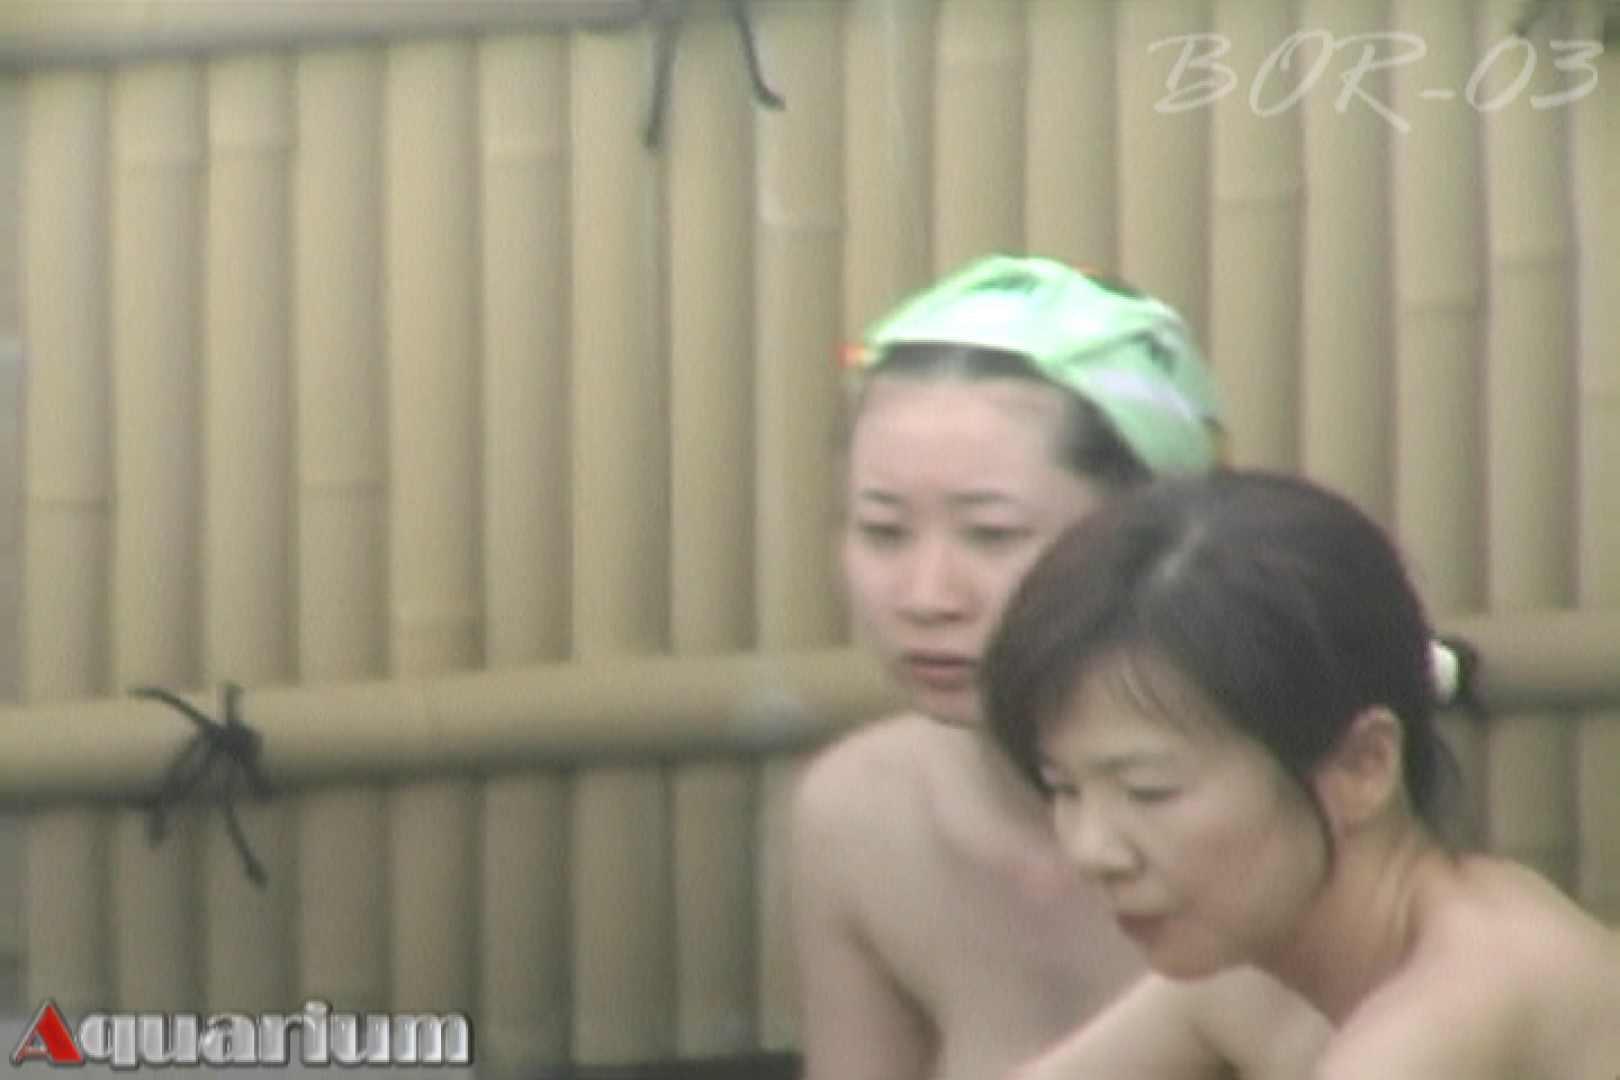 Aquaな露天風呂Vol.482 露天 | 盗撮  52pic 19